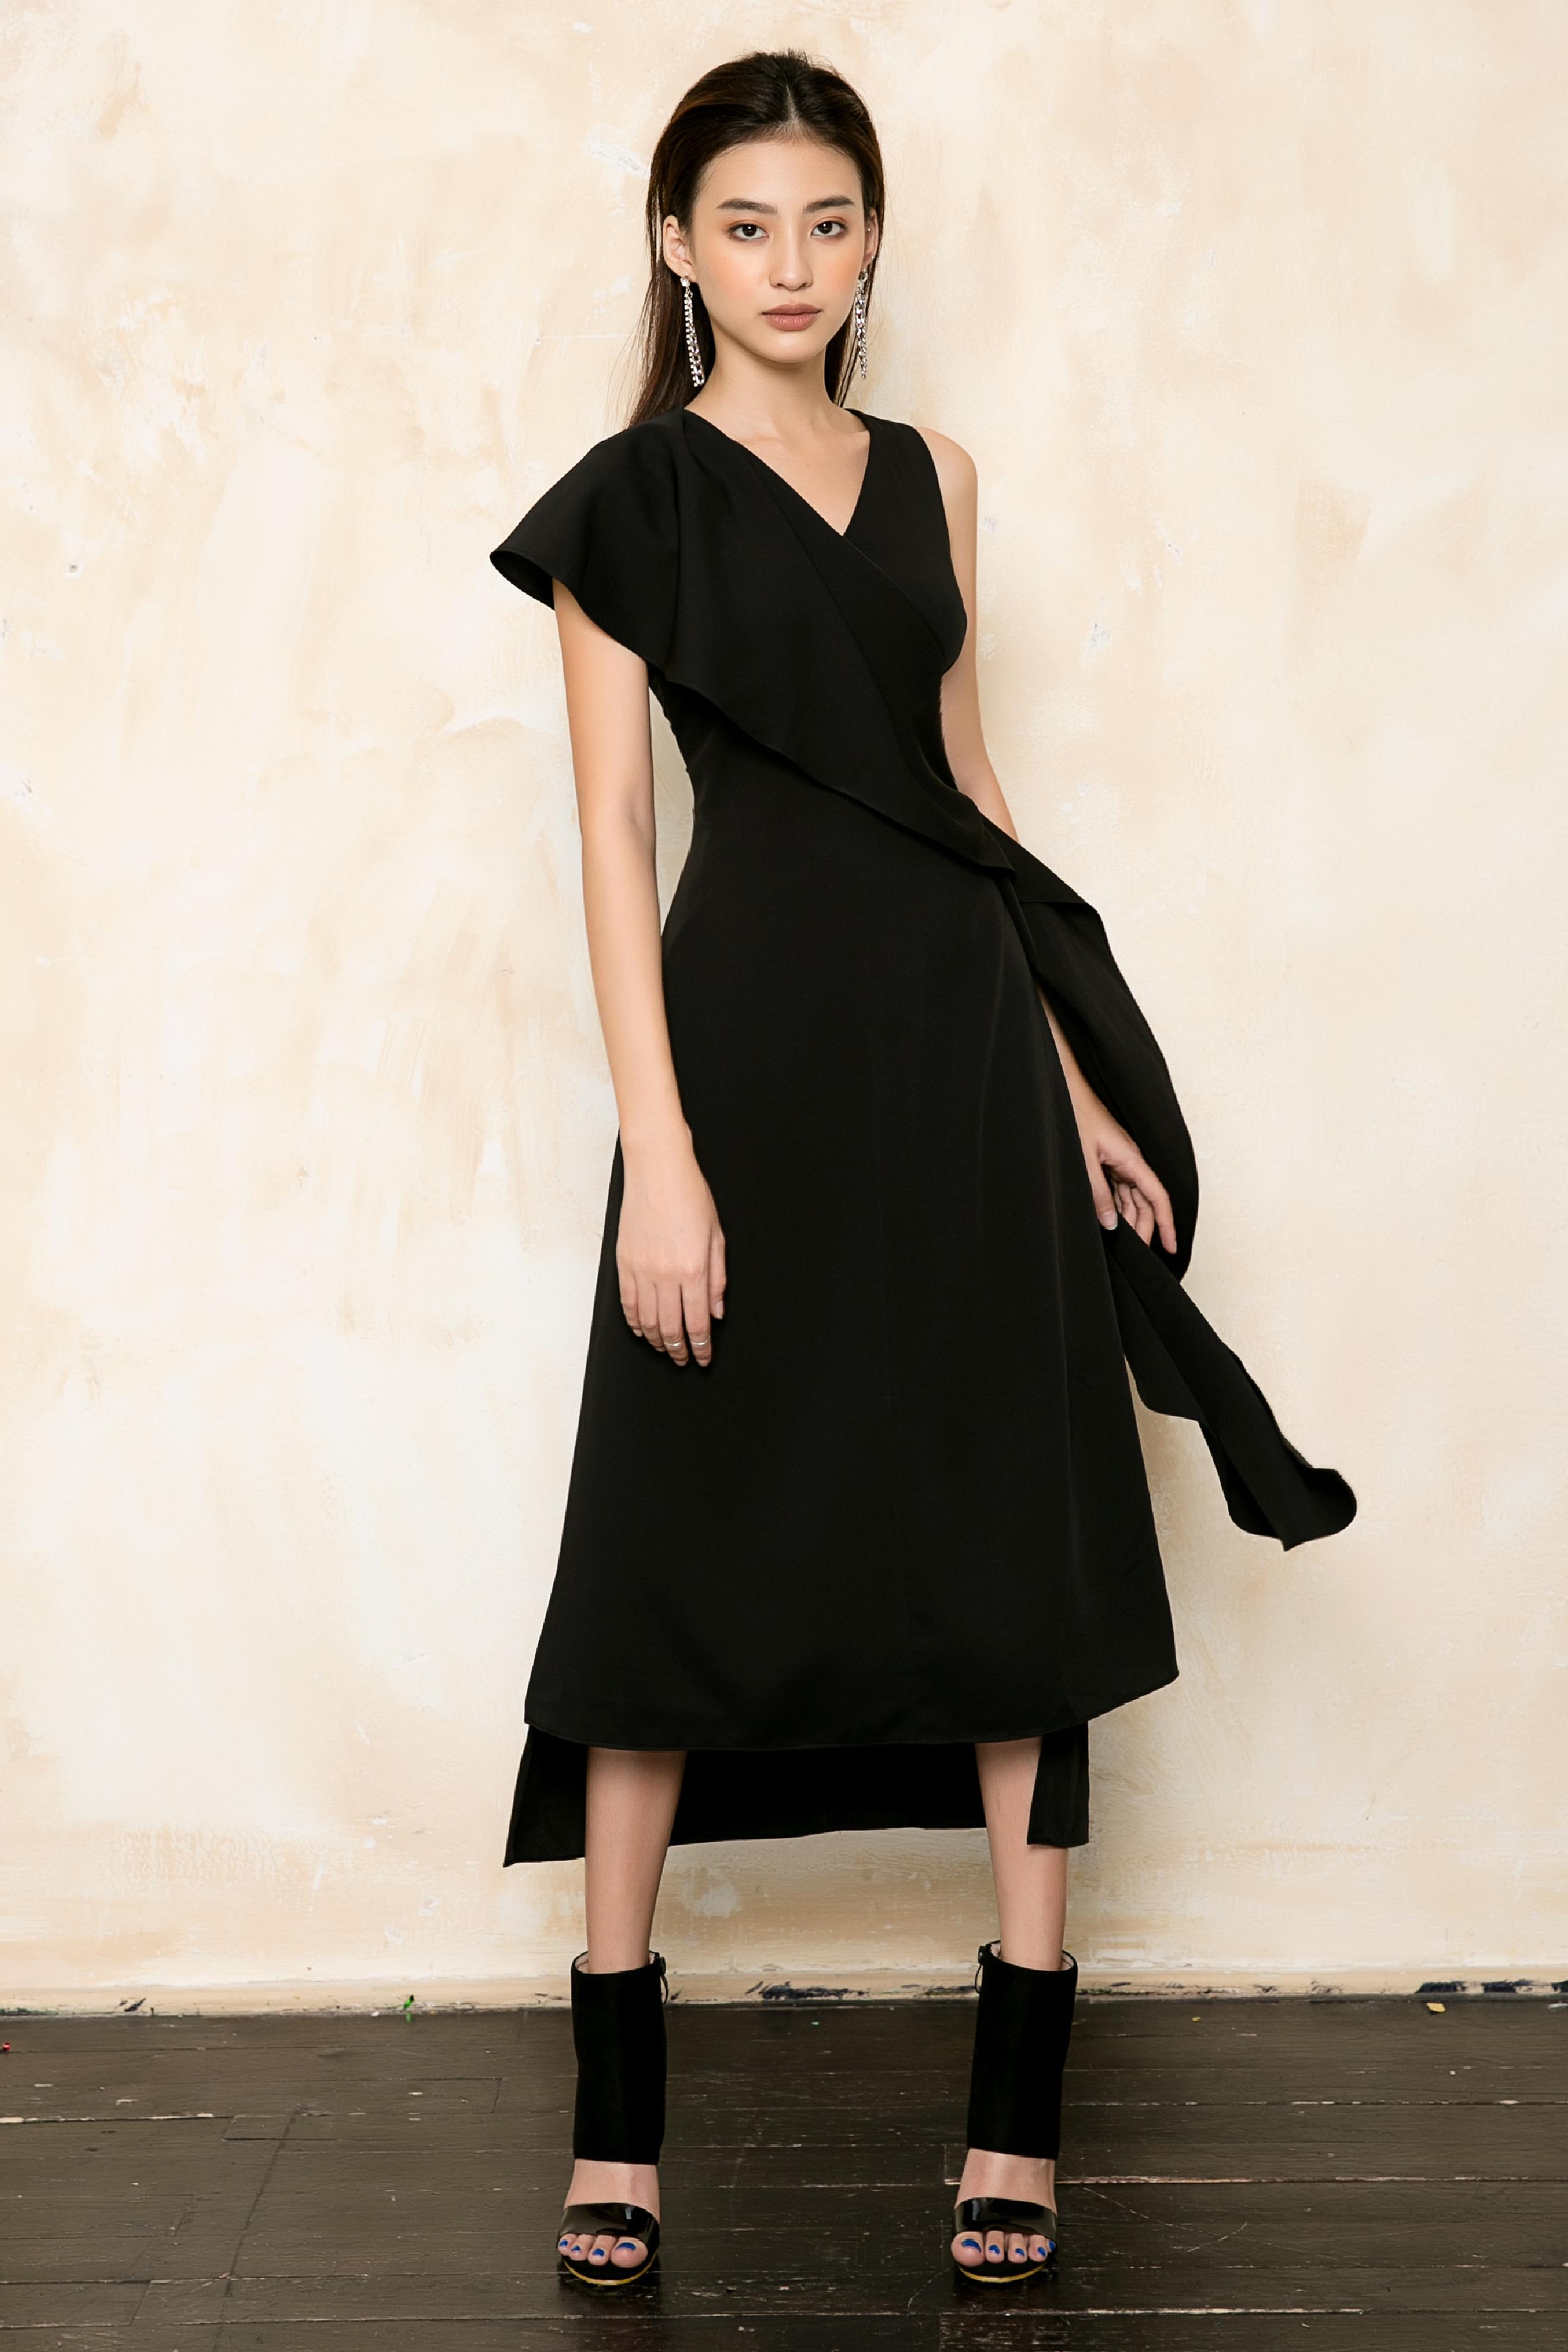 V719 - Váyđầm ôm A silk lạnh thiết kế khăn choàng lệch vai - Nude, Đen - Bely